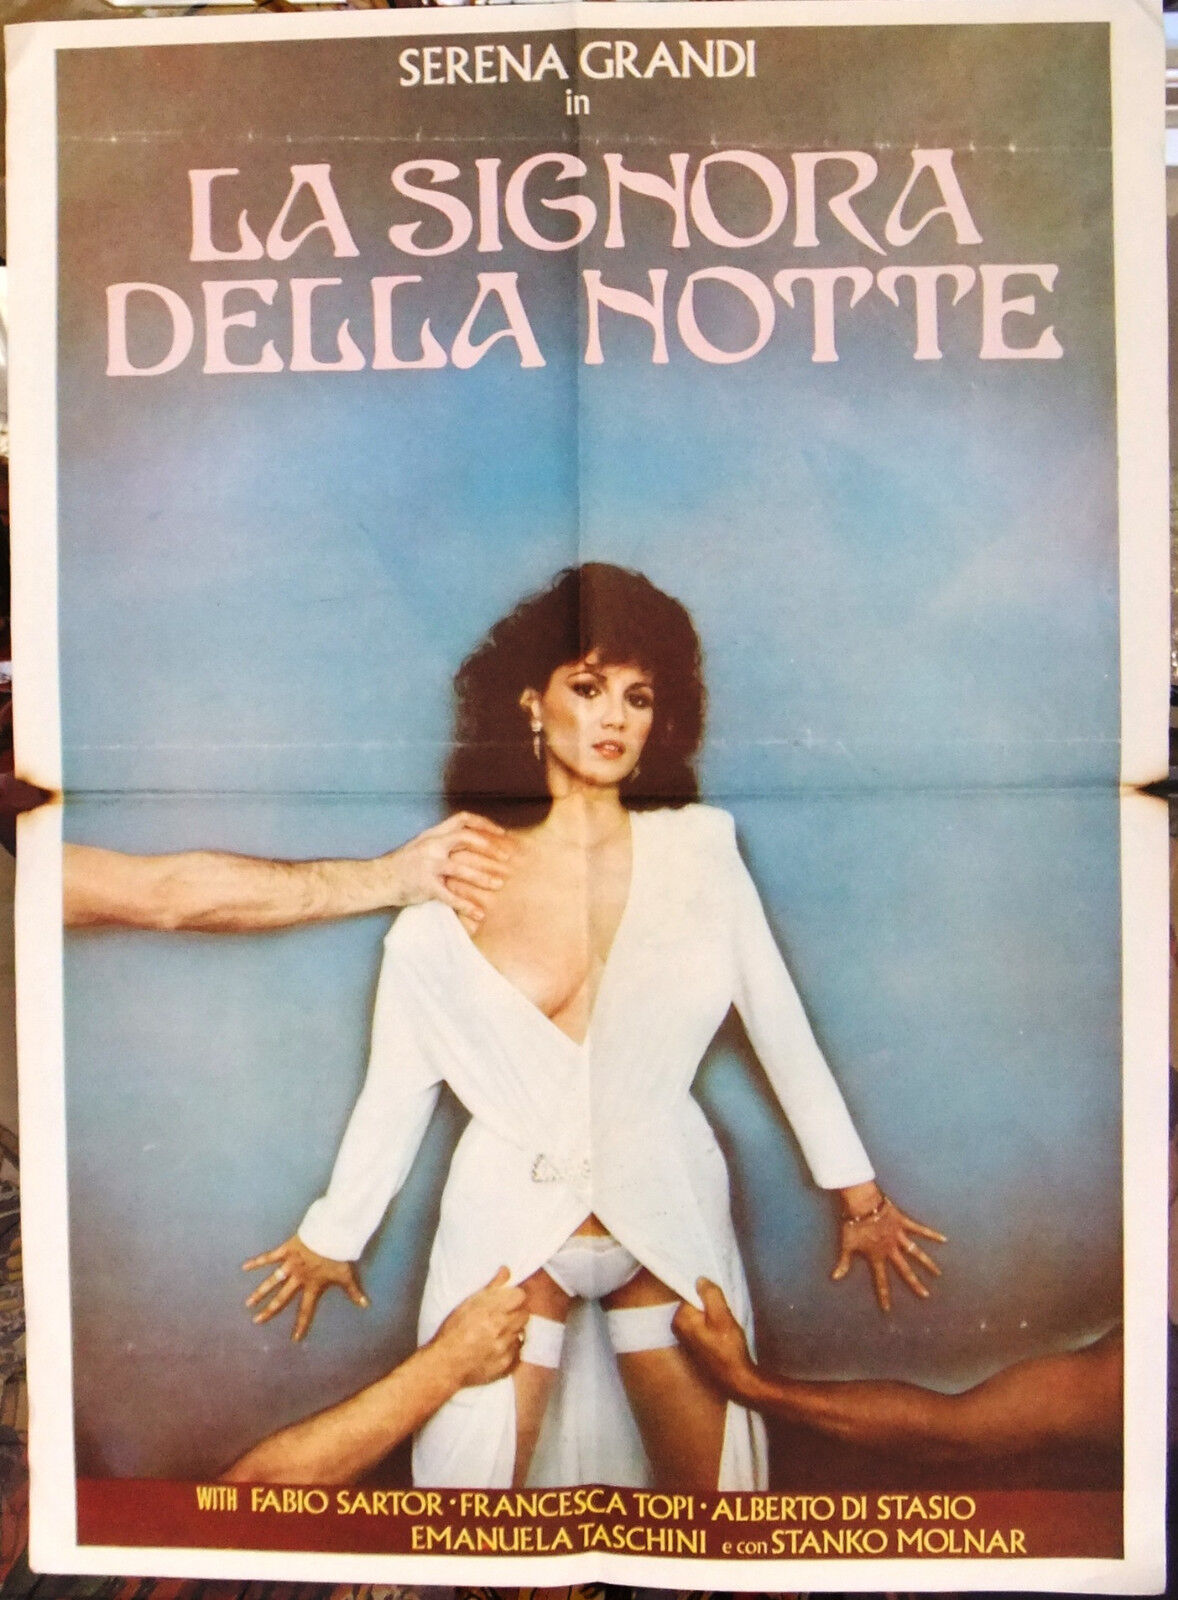 La Signora Della Notte Serena Grandi Italian Film Lebanese